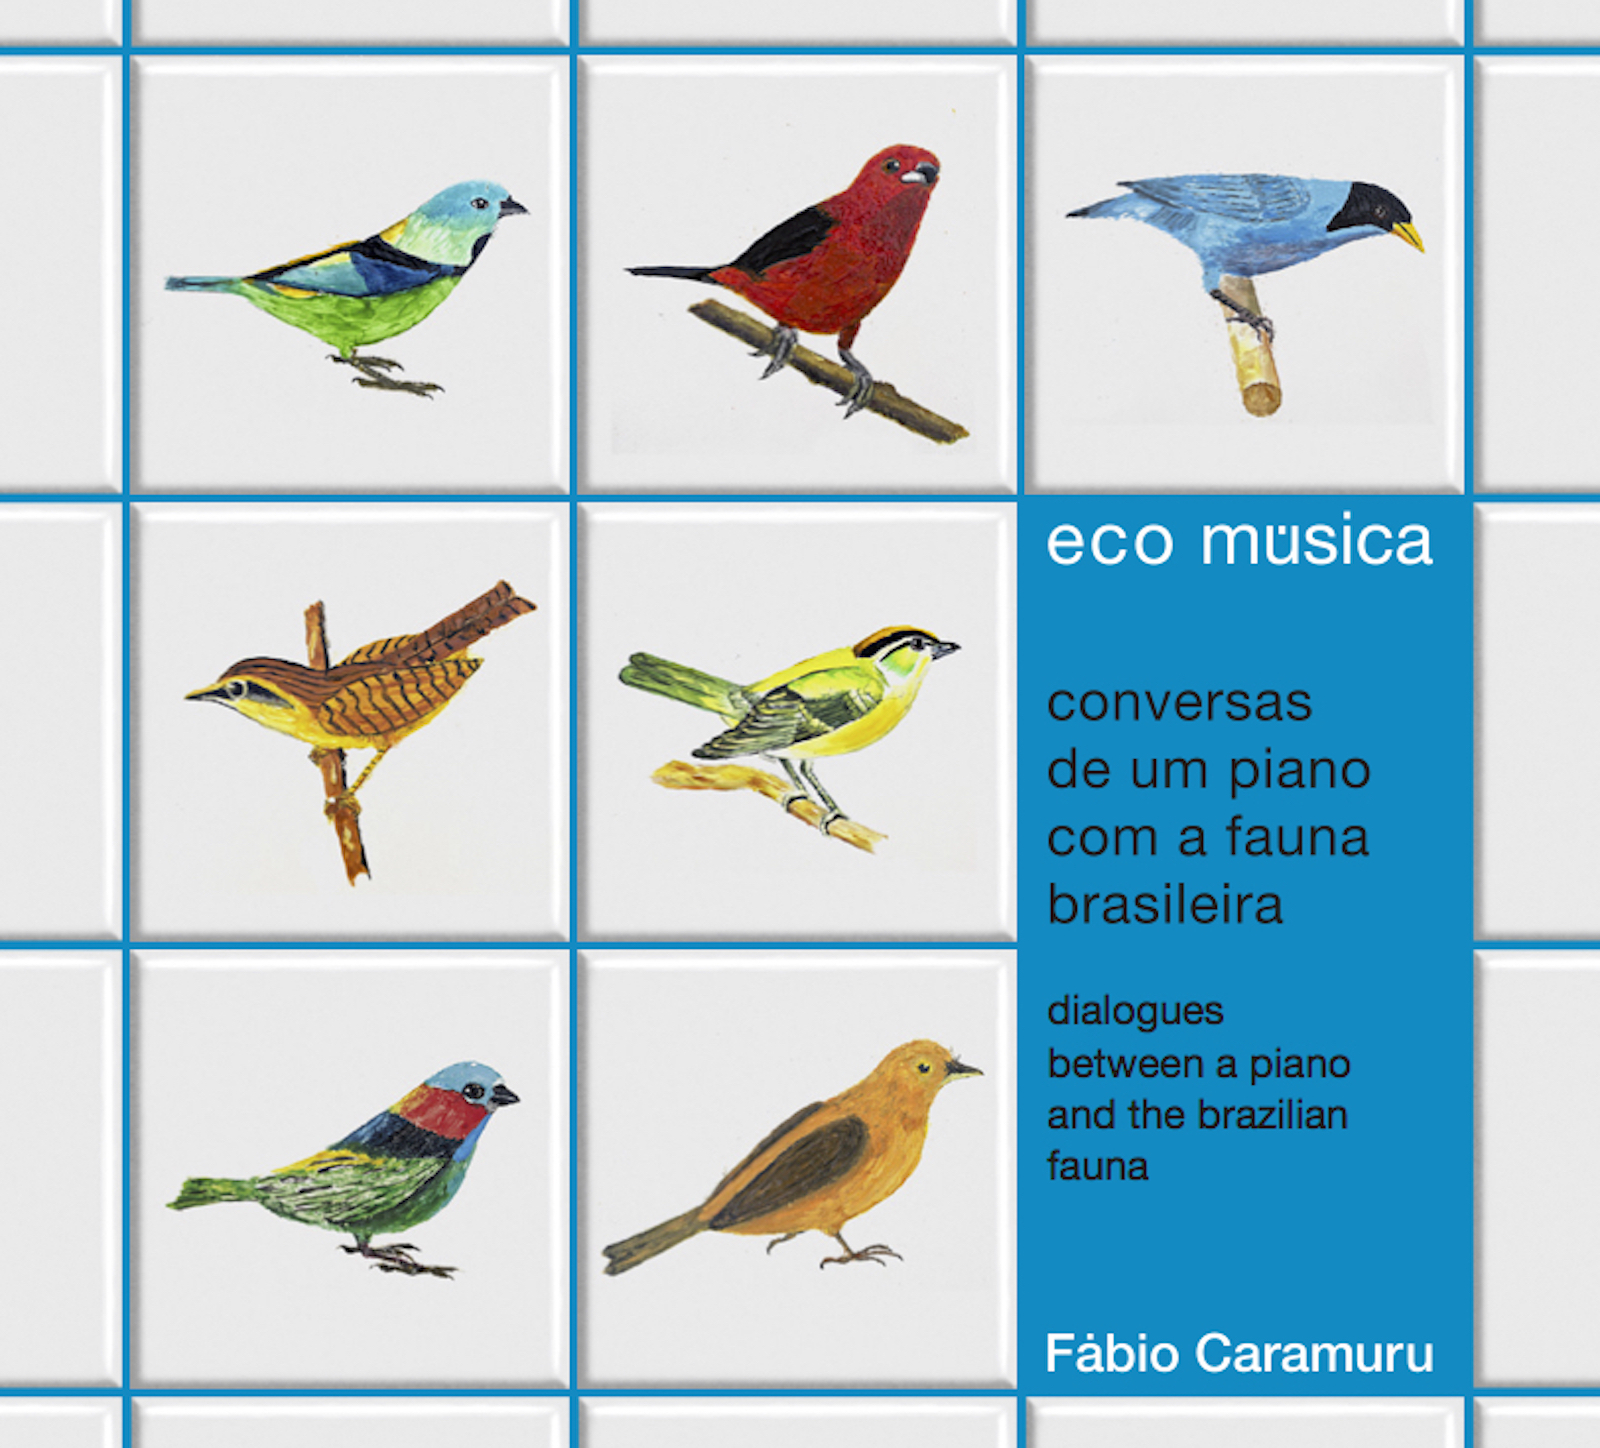 Fábio Caramuru『Eco Música』(flau)